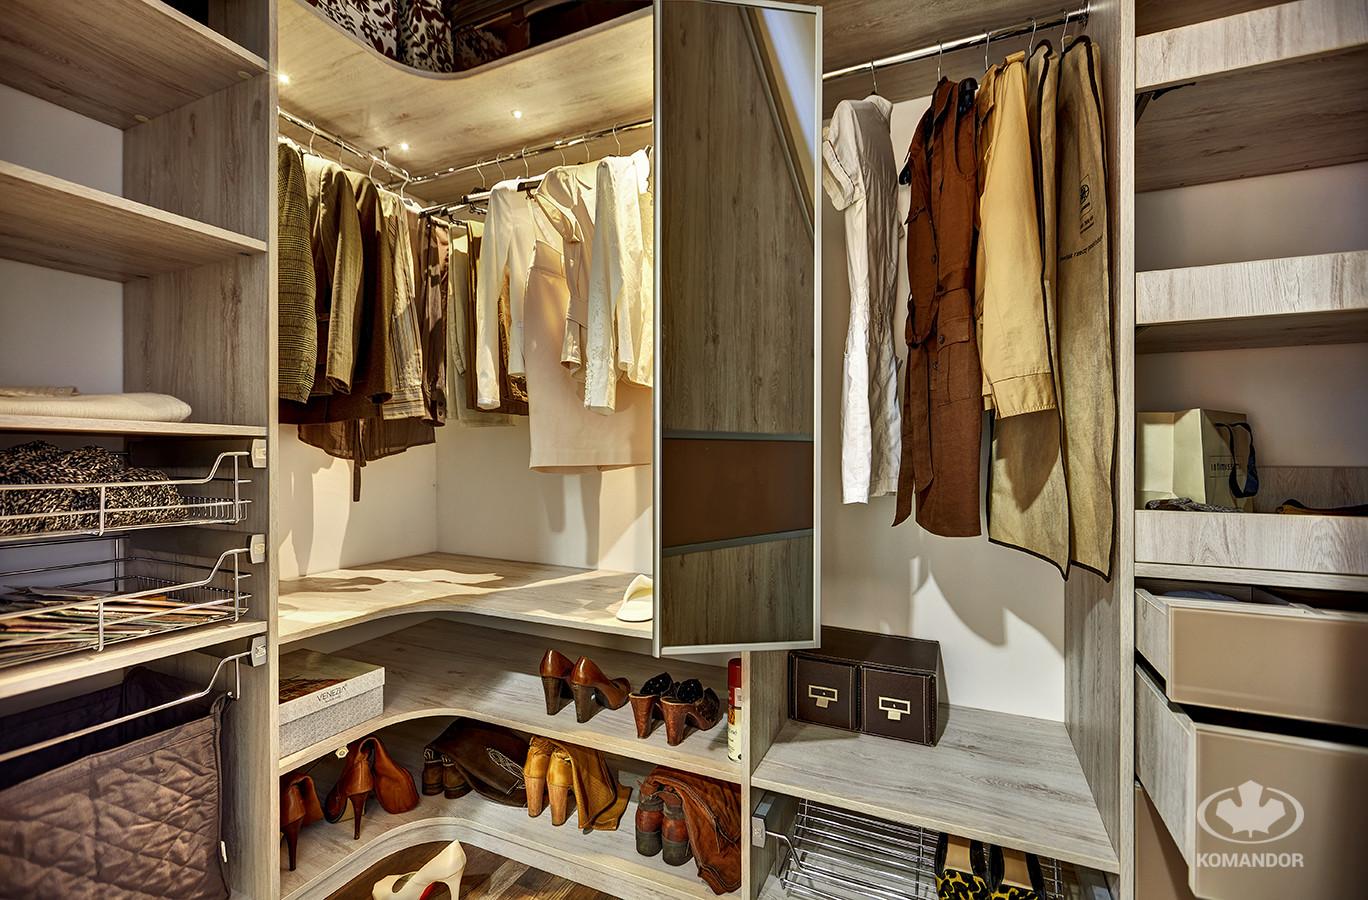 Akcesoria do szafy chromowane Komandor